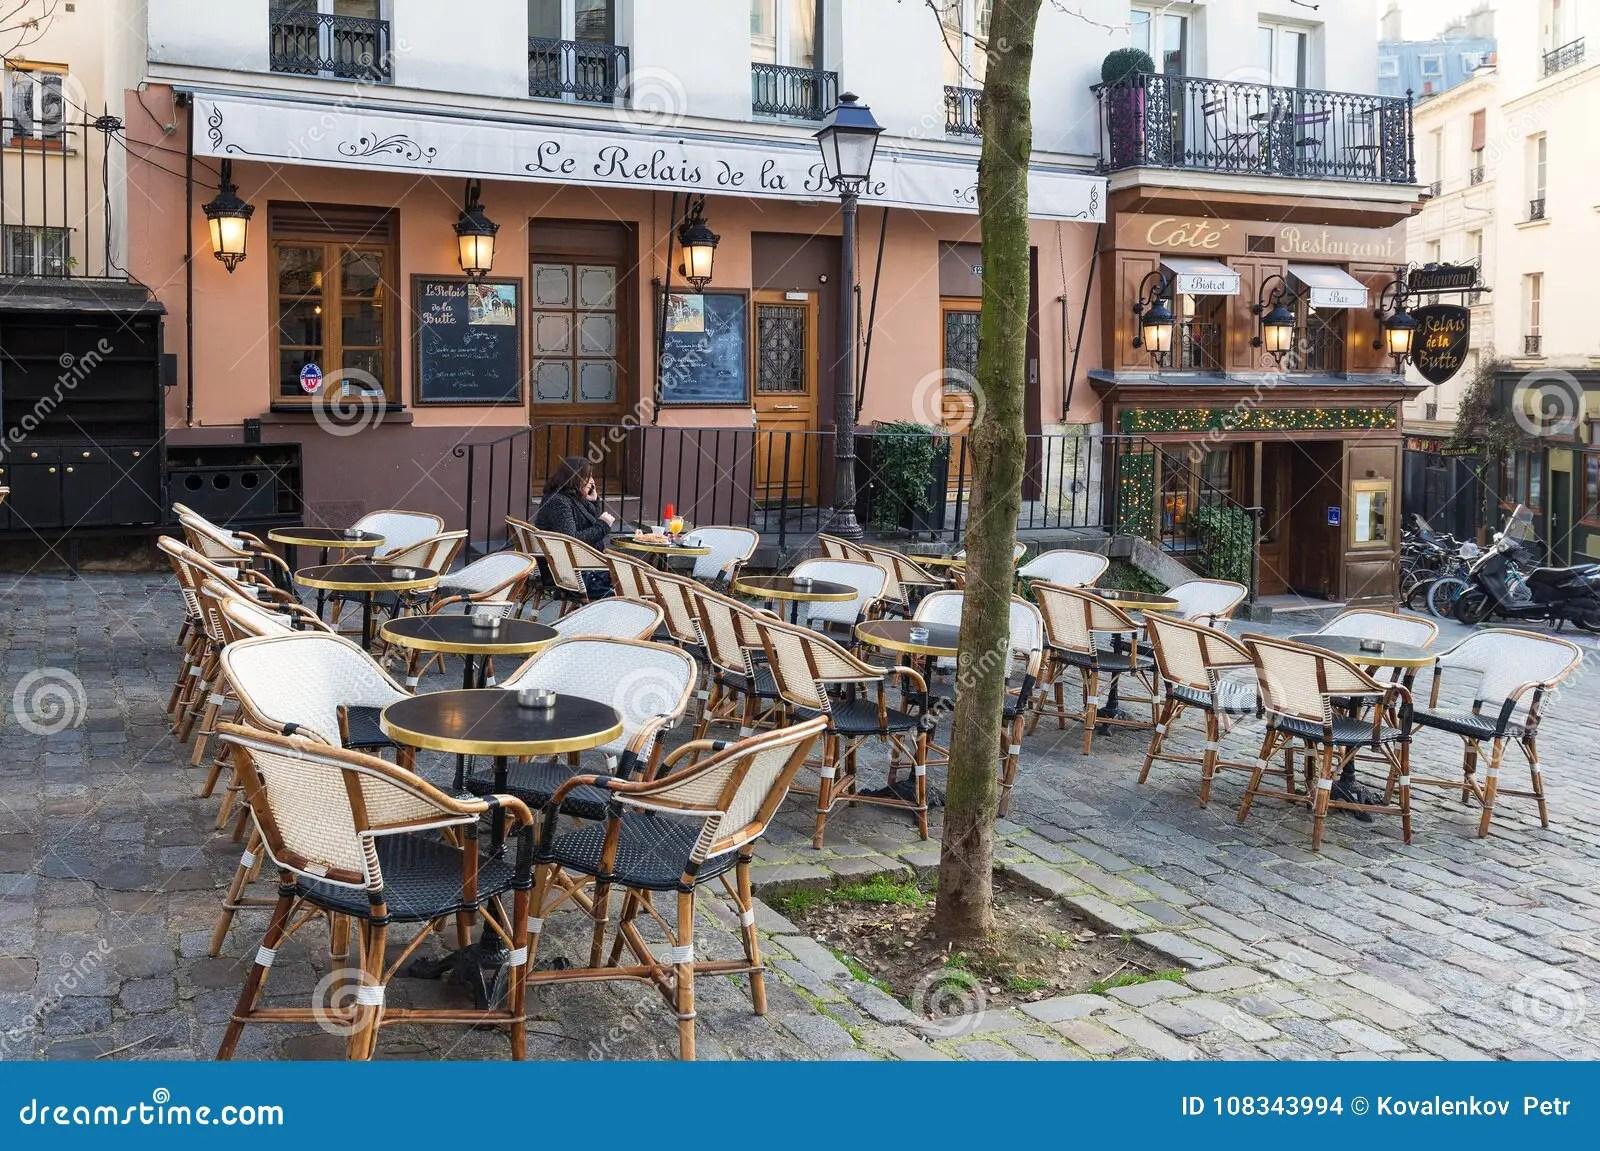 https www dreamstime com relais de la butte historical restaurant located montmatre area paris france paris france january le relais de la image108343994